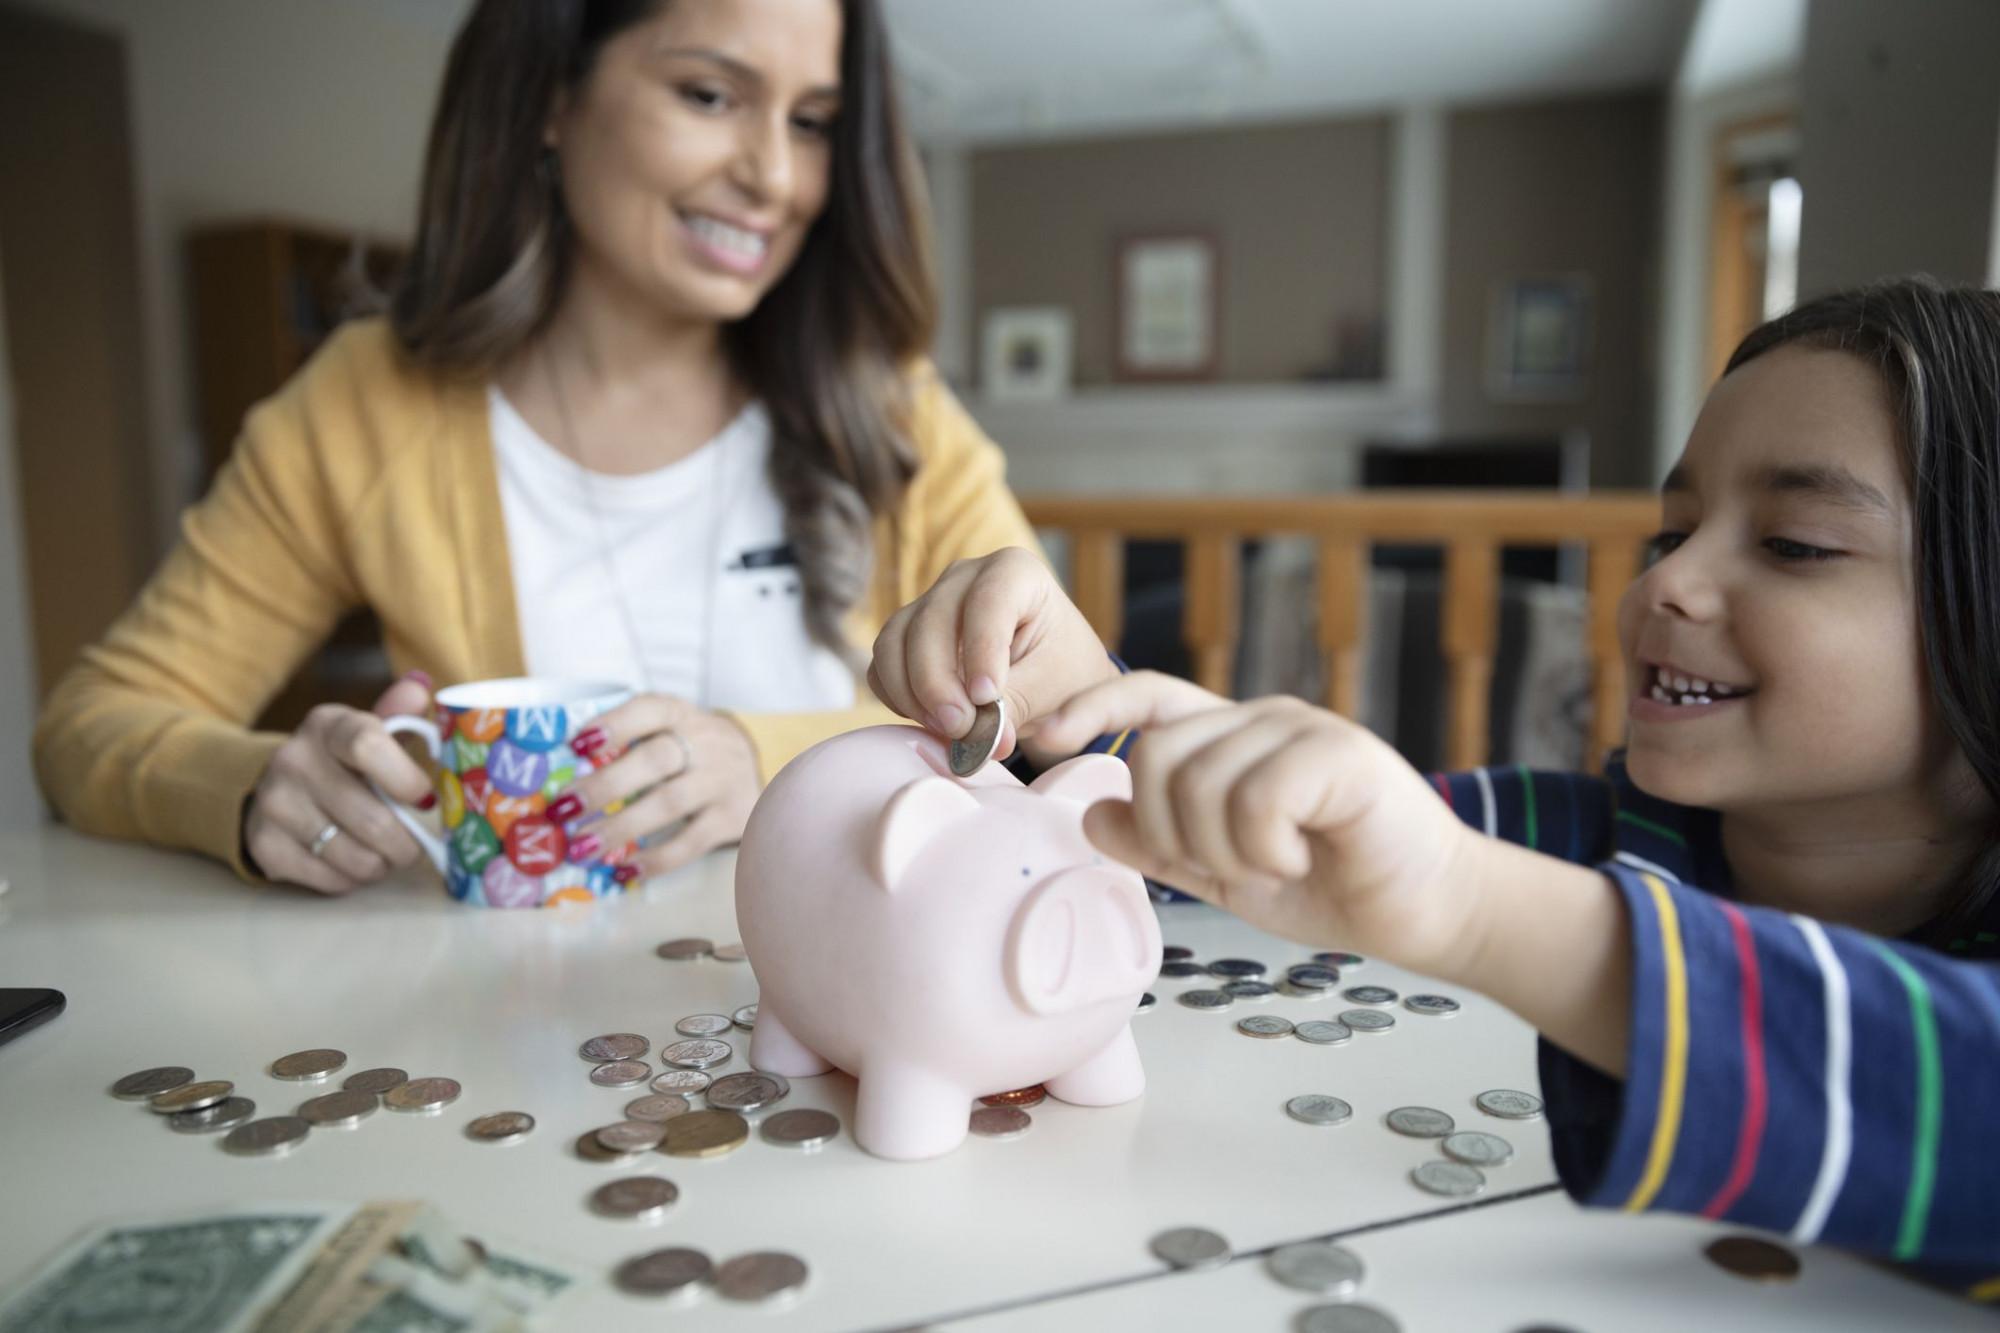 Trẻ em ở Úc được dạy về tiết kiệm và đầu tư tài chính từ sớm - Ảnh: Investopedia